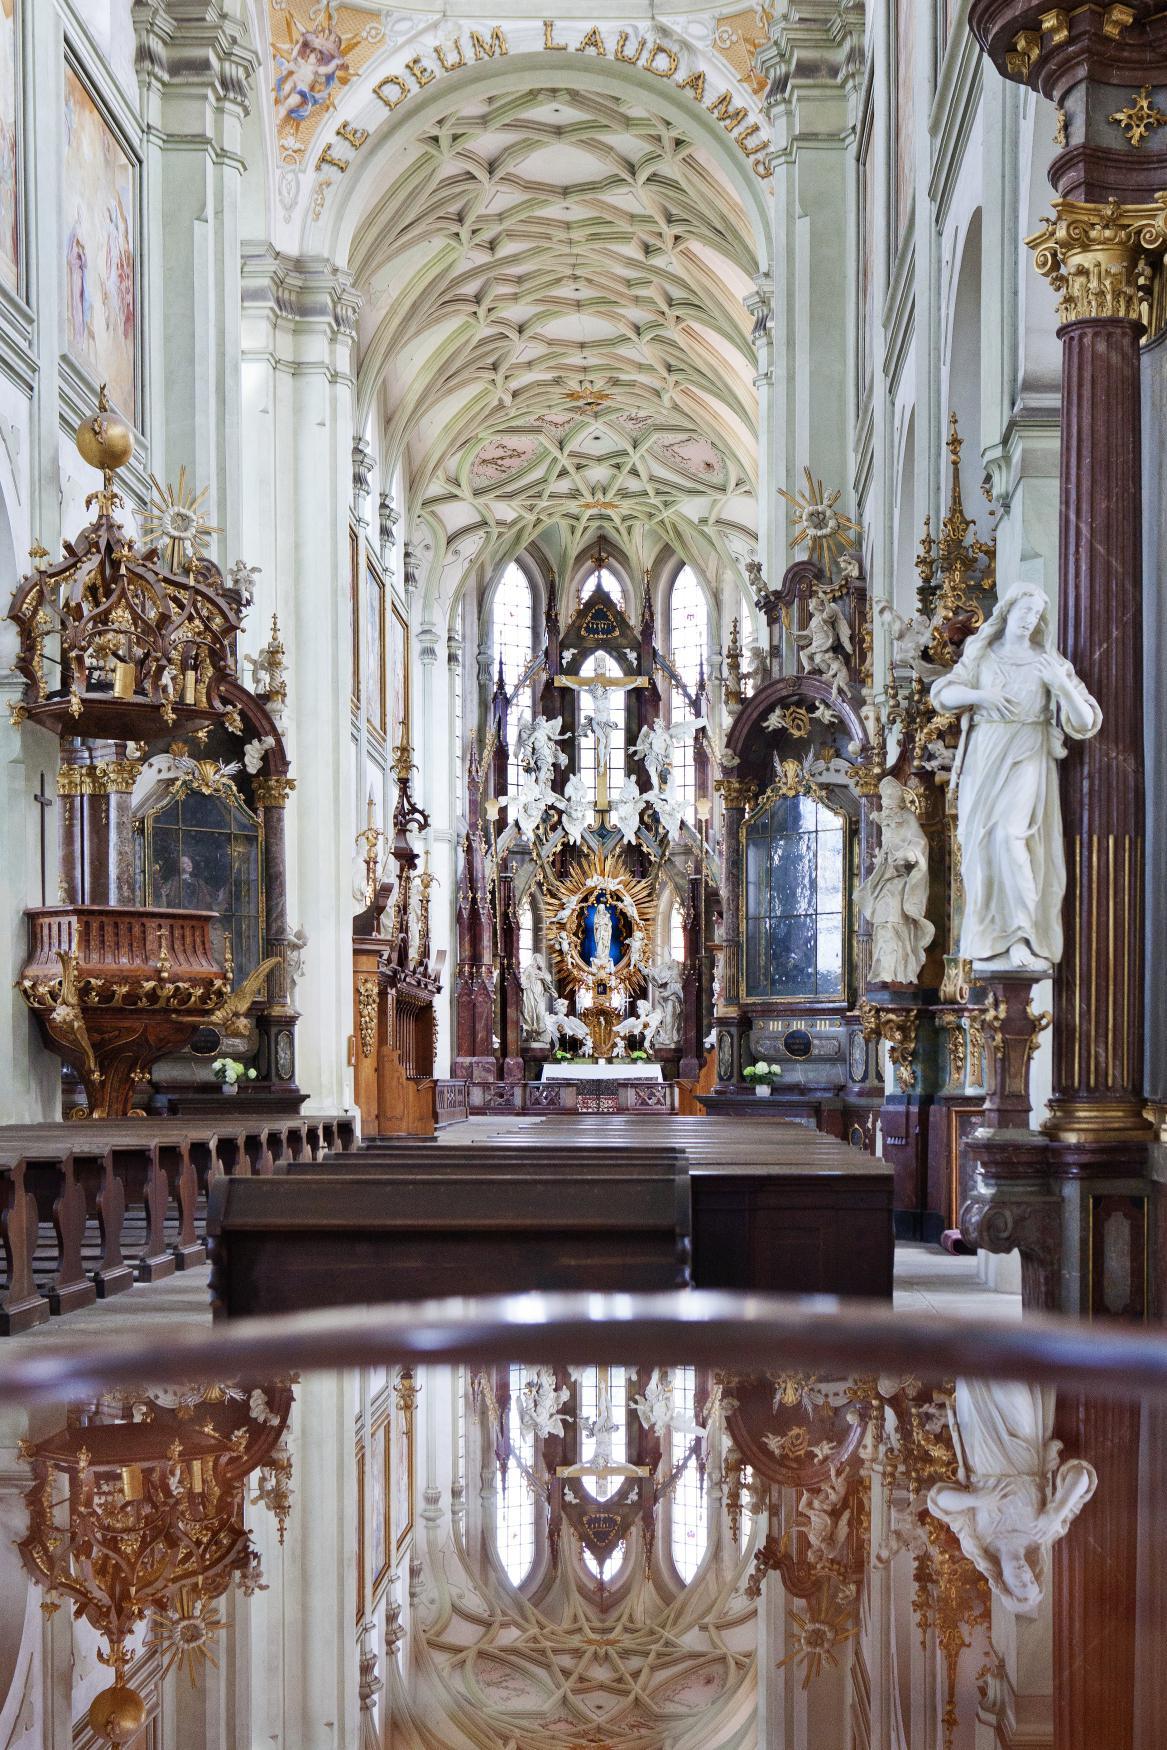 Interiér kostela Nanebevzetí Panny Marie v Kladrubech - snímek z roku 2012